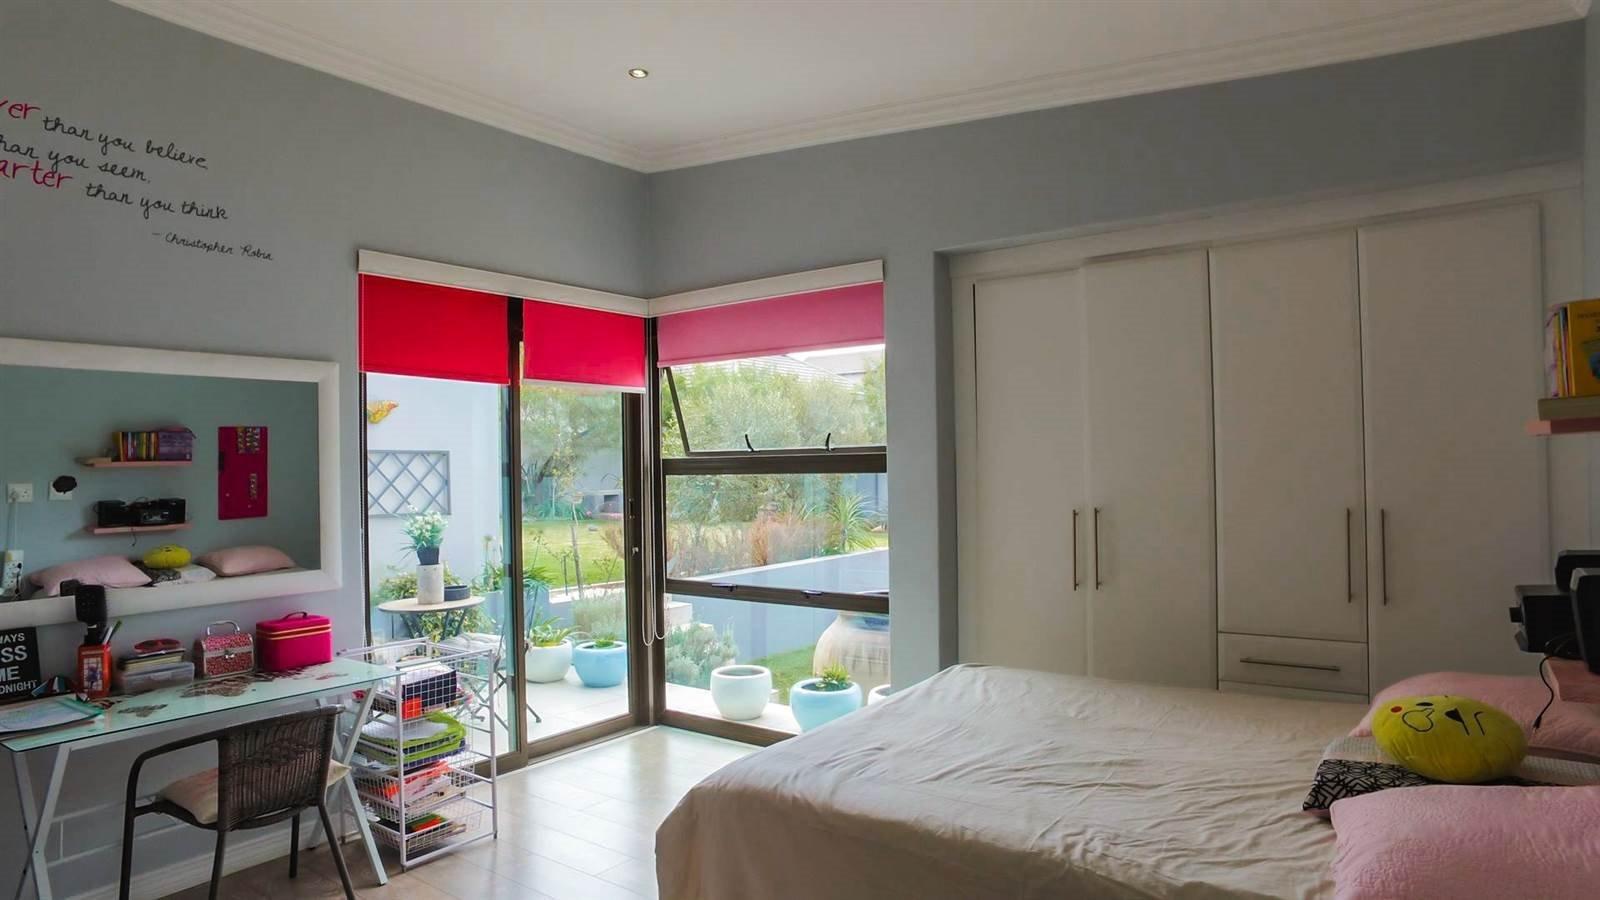 Midstream Hill Estate property for sale. Ref No: 13326880. Picture no 10